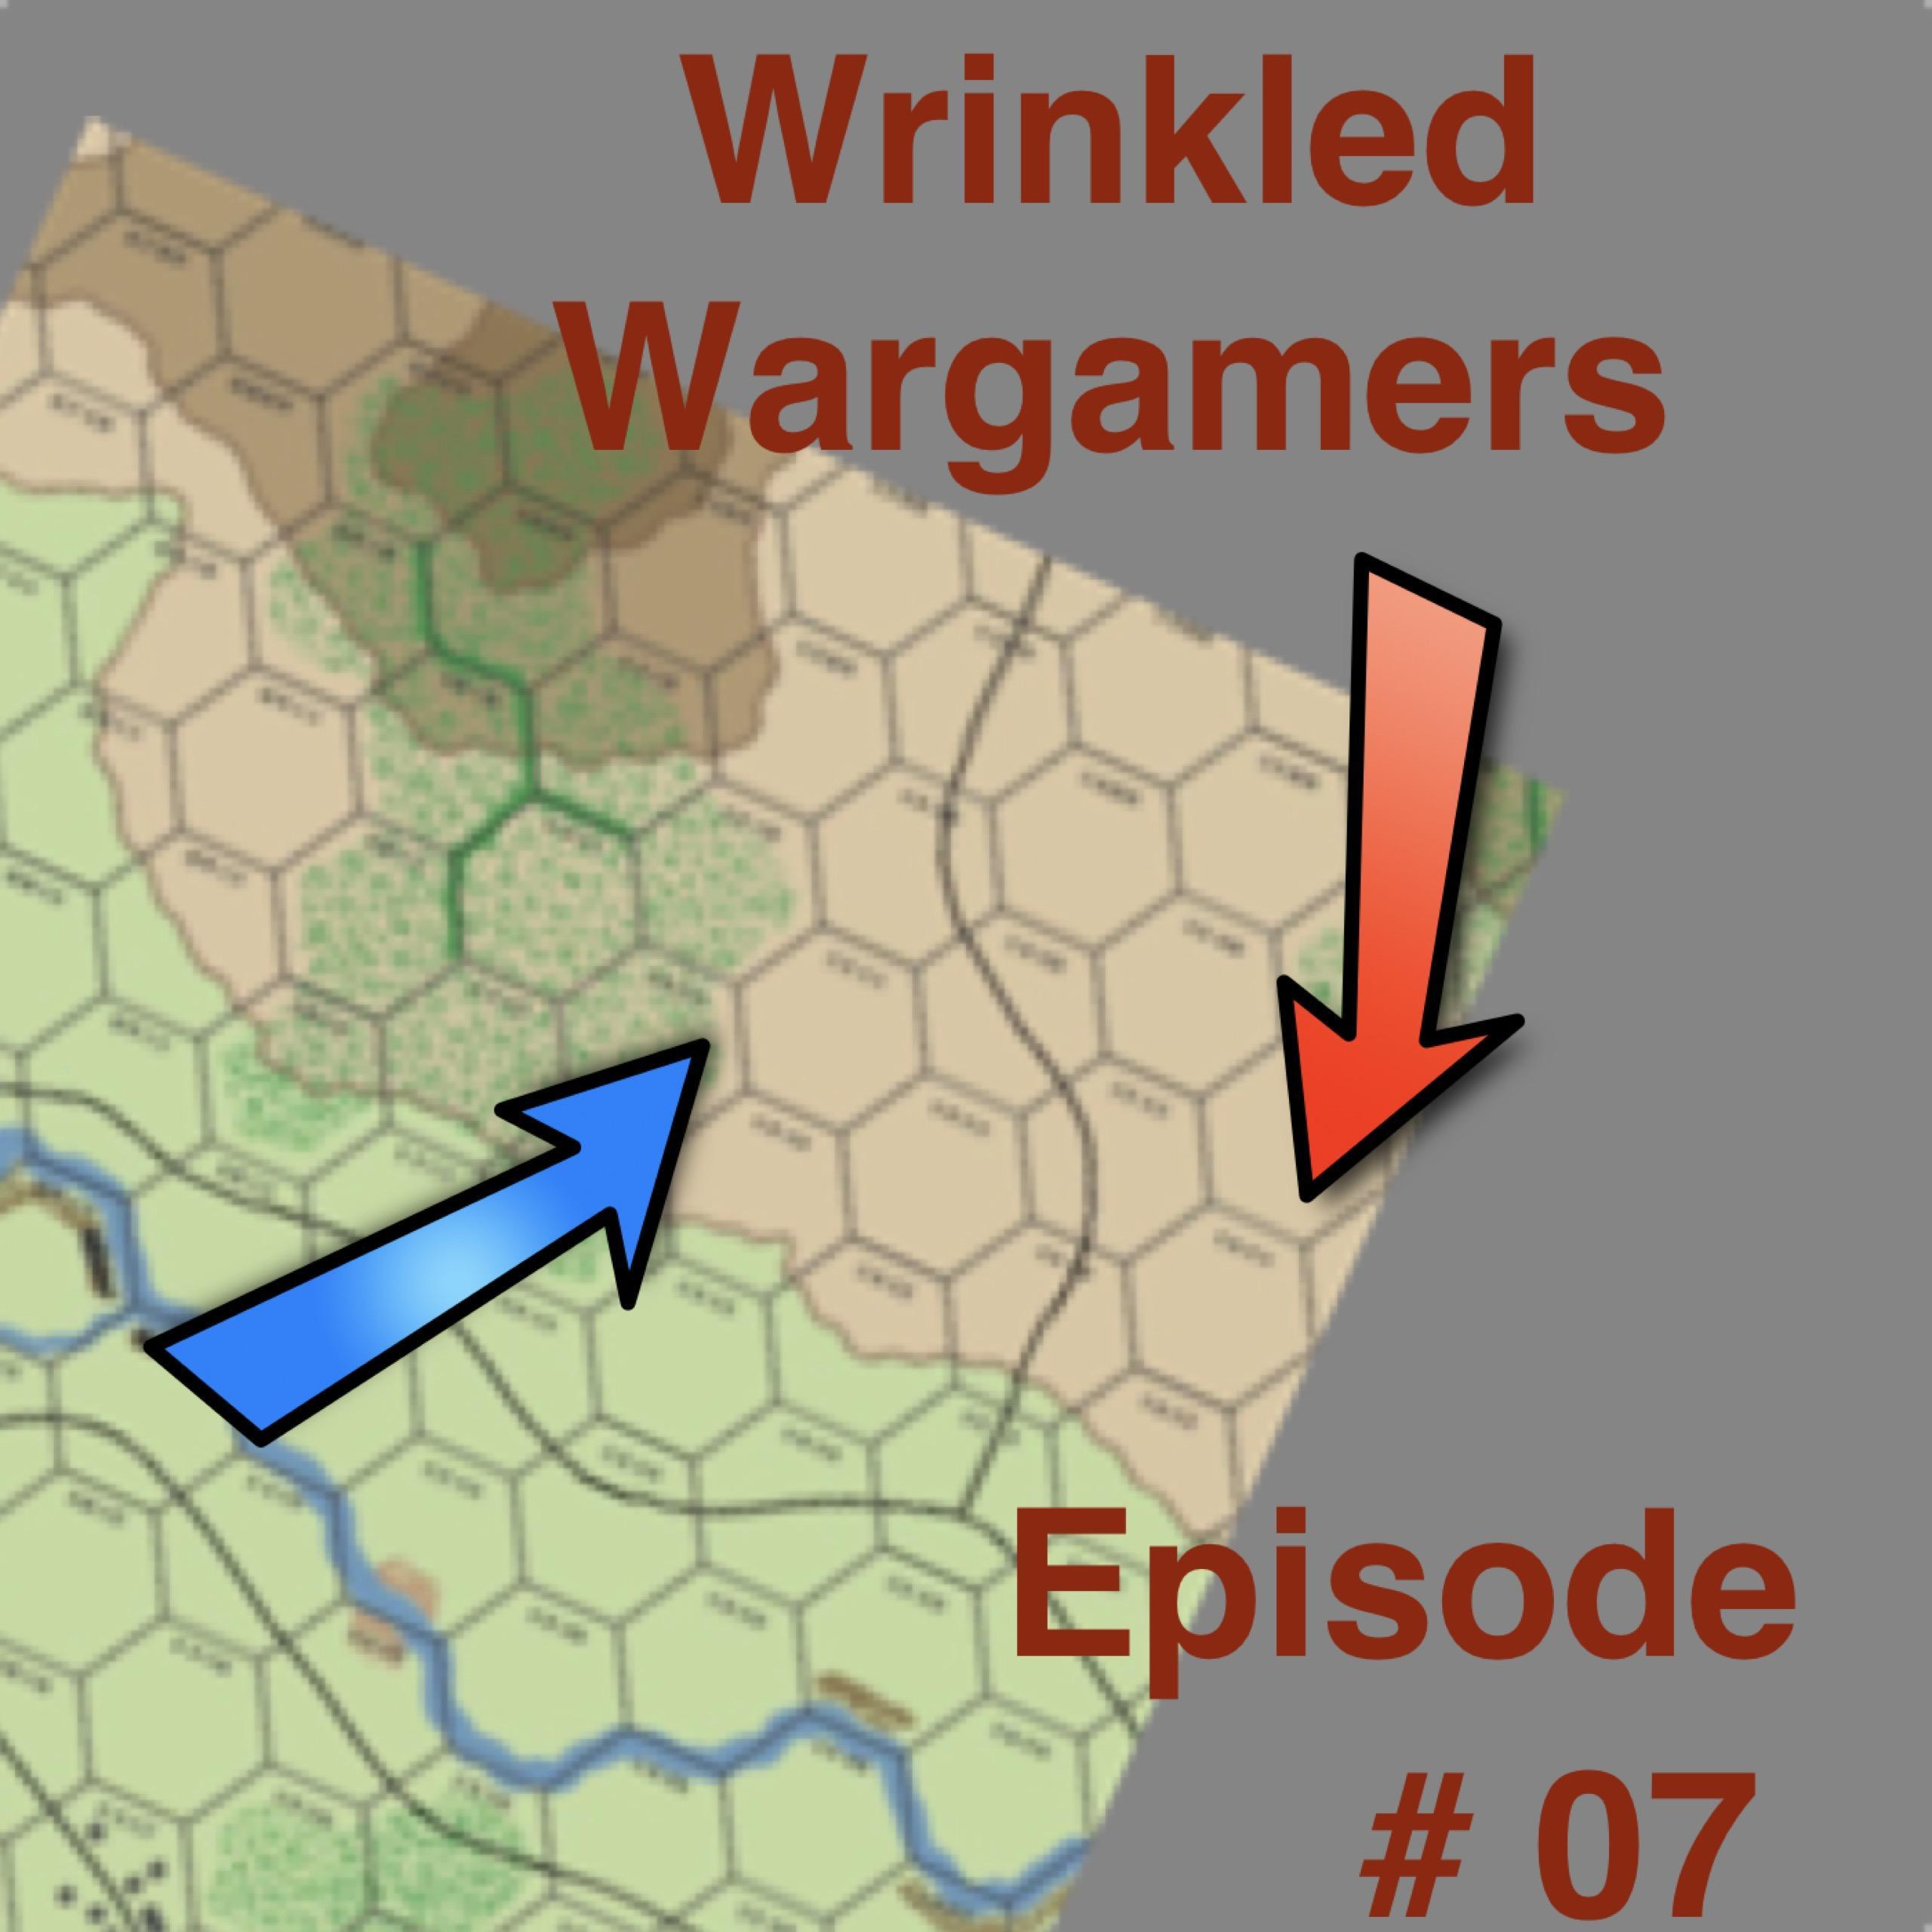 The Wrinkled Wargamers Episode 7